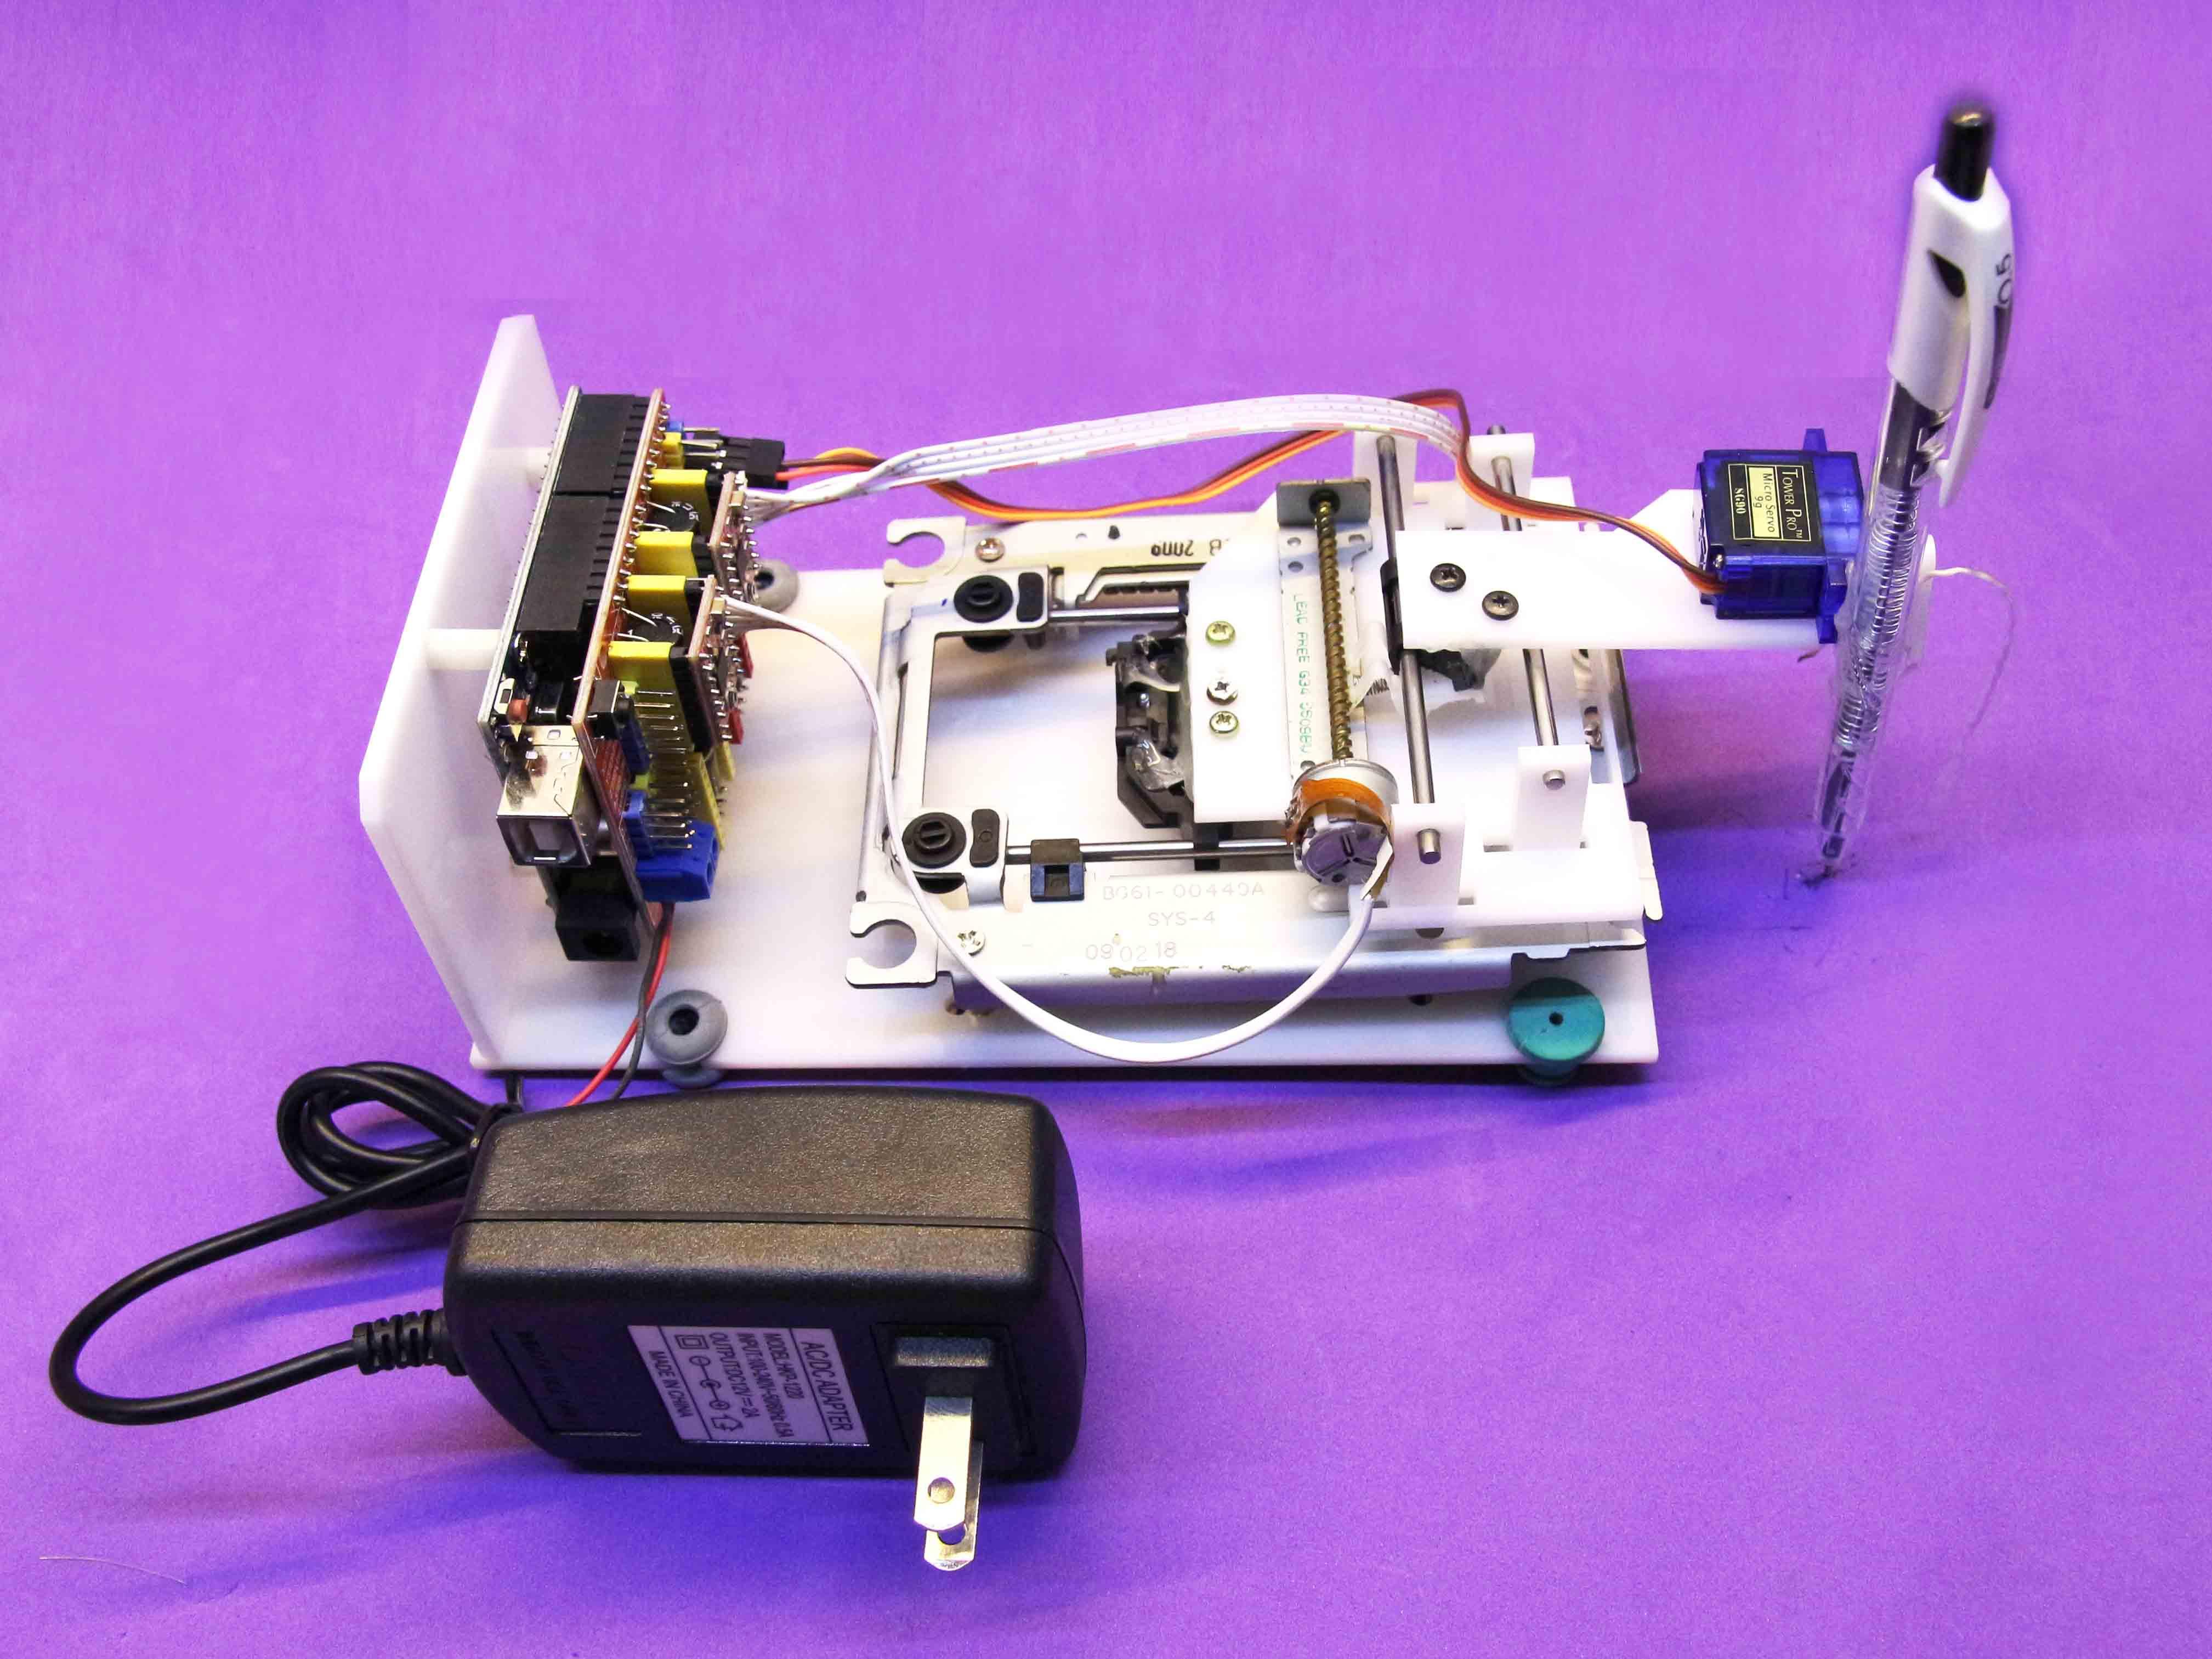 Máy vẽ CNC shield V3 arduino R3 mini lắp ráp